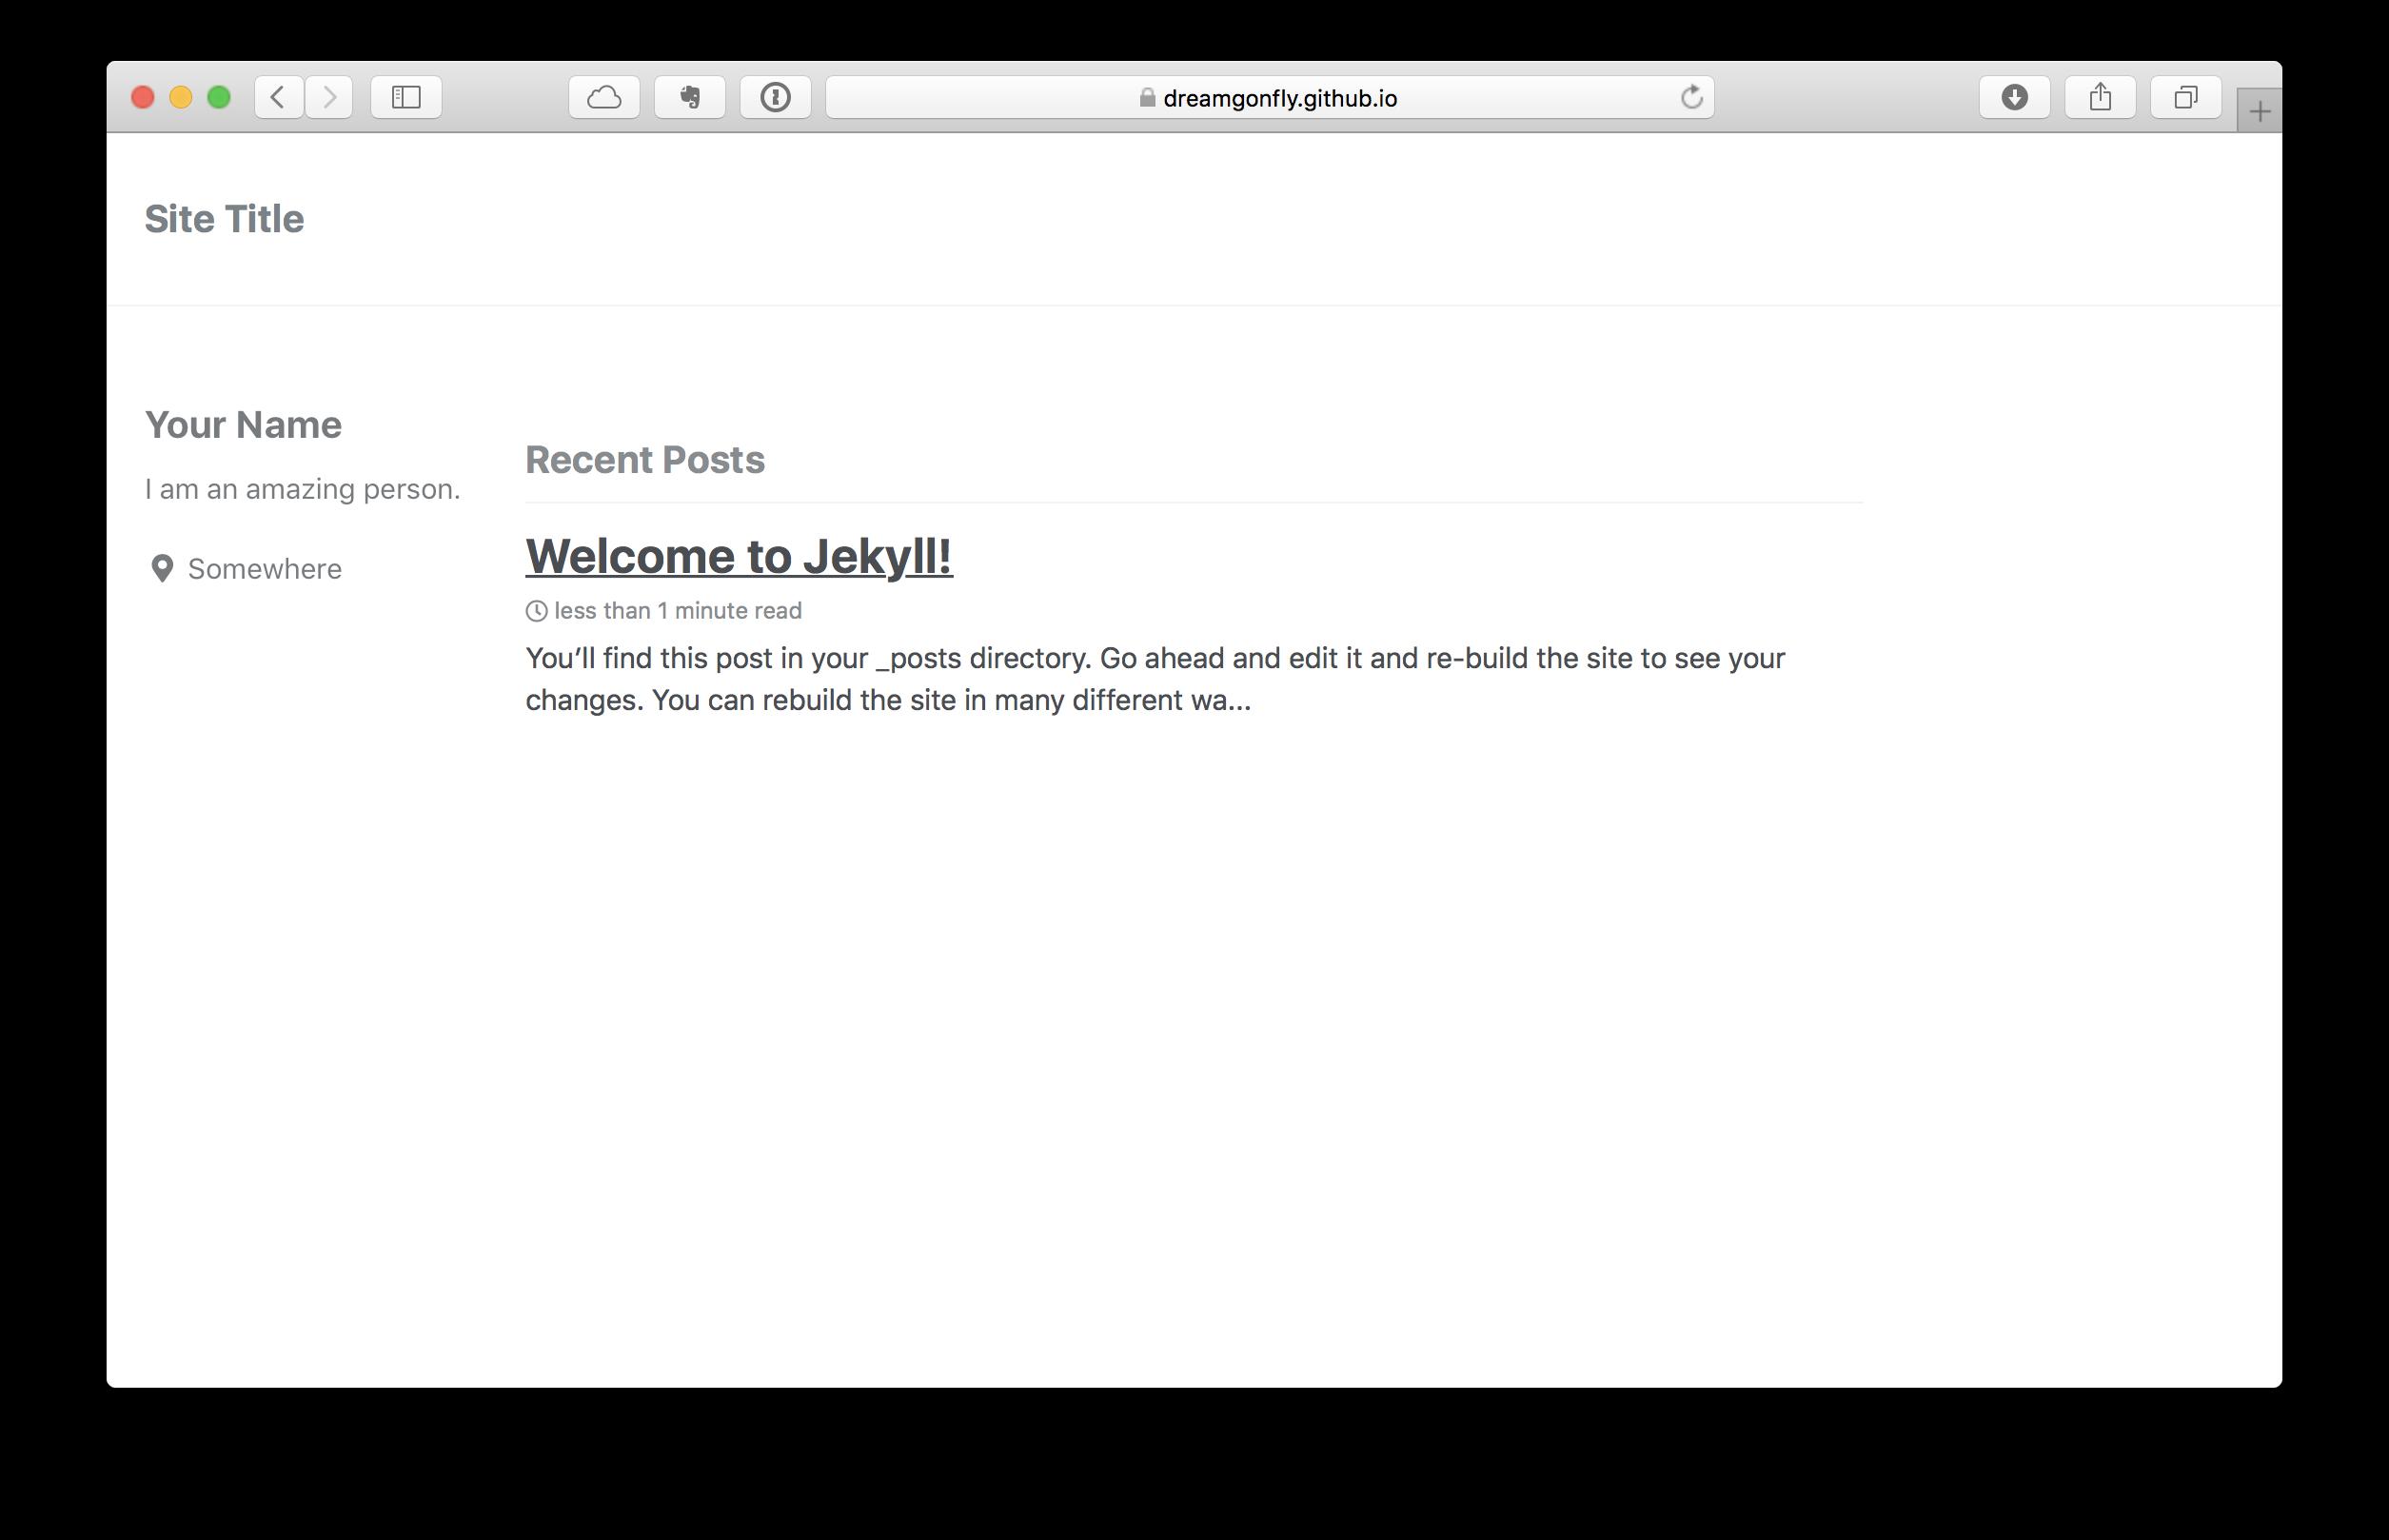 만들어진 minimal-mistakes 테마의 GitHub Pages 블로그